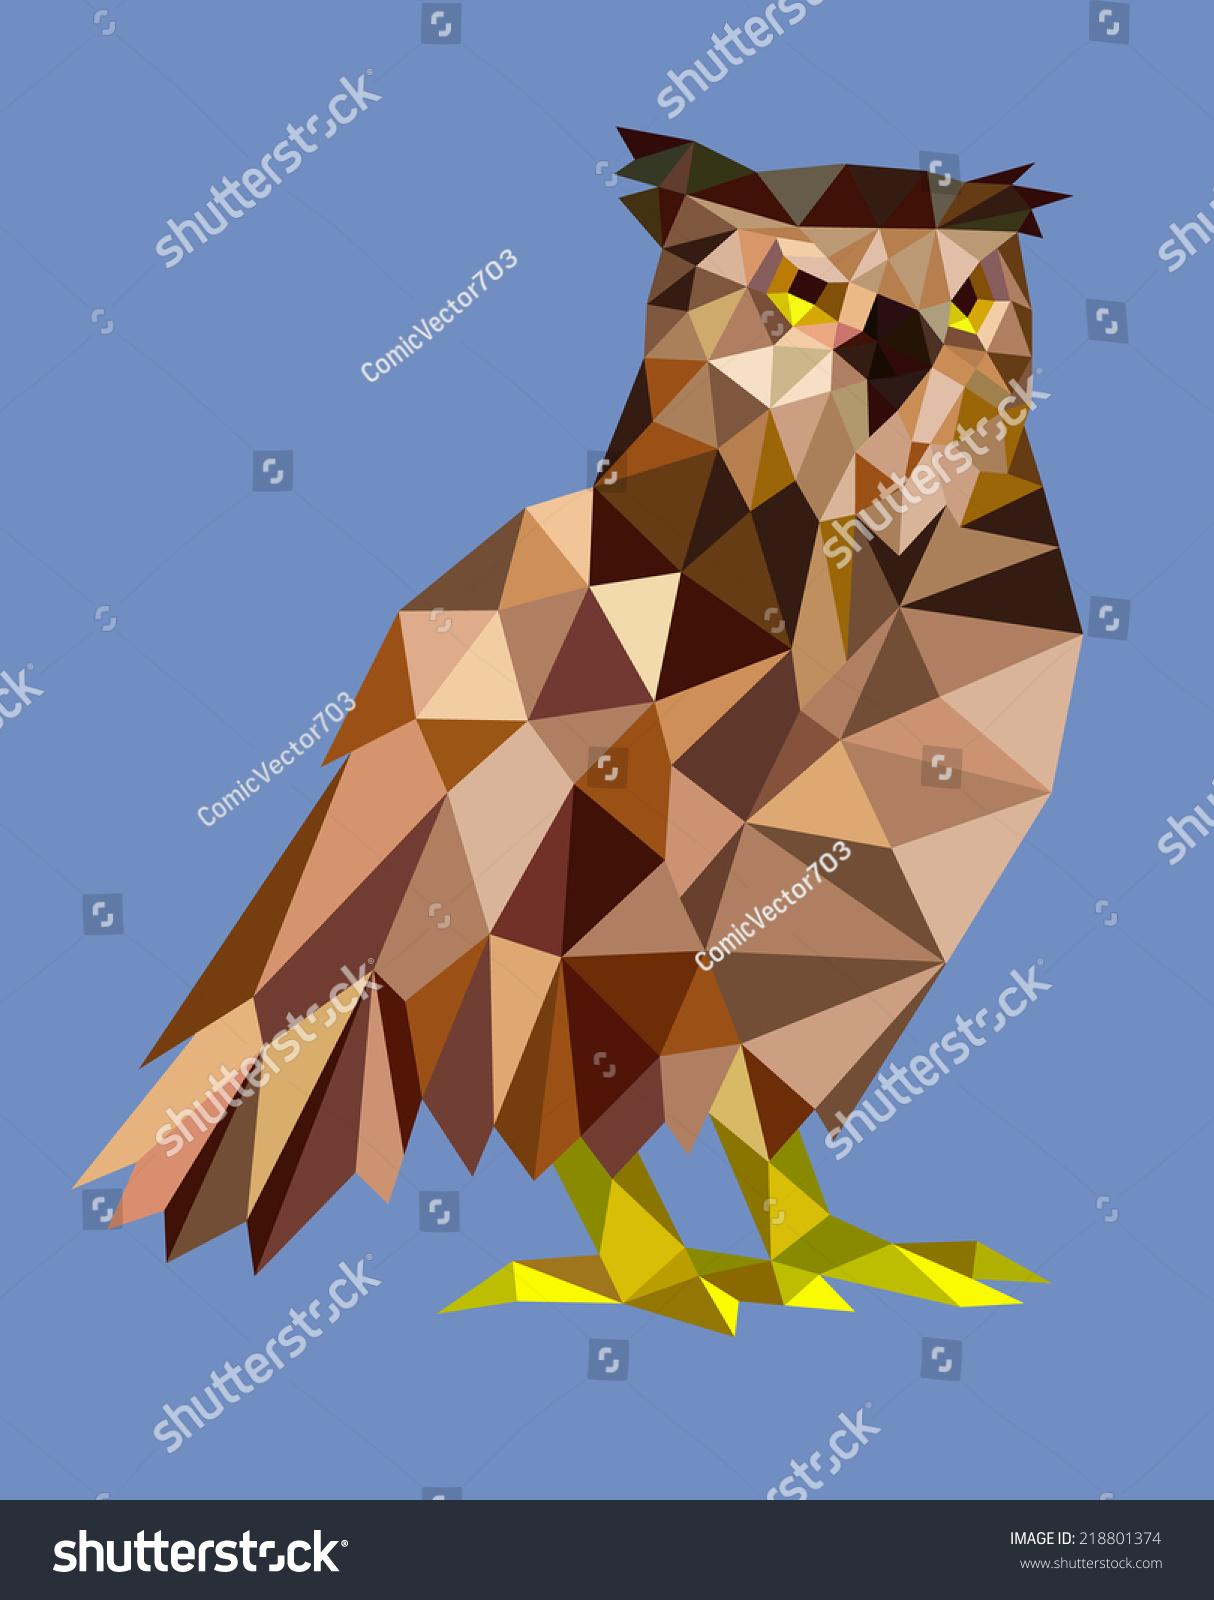 猫头鹰三角形低多边形的风格